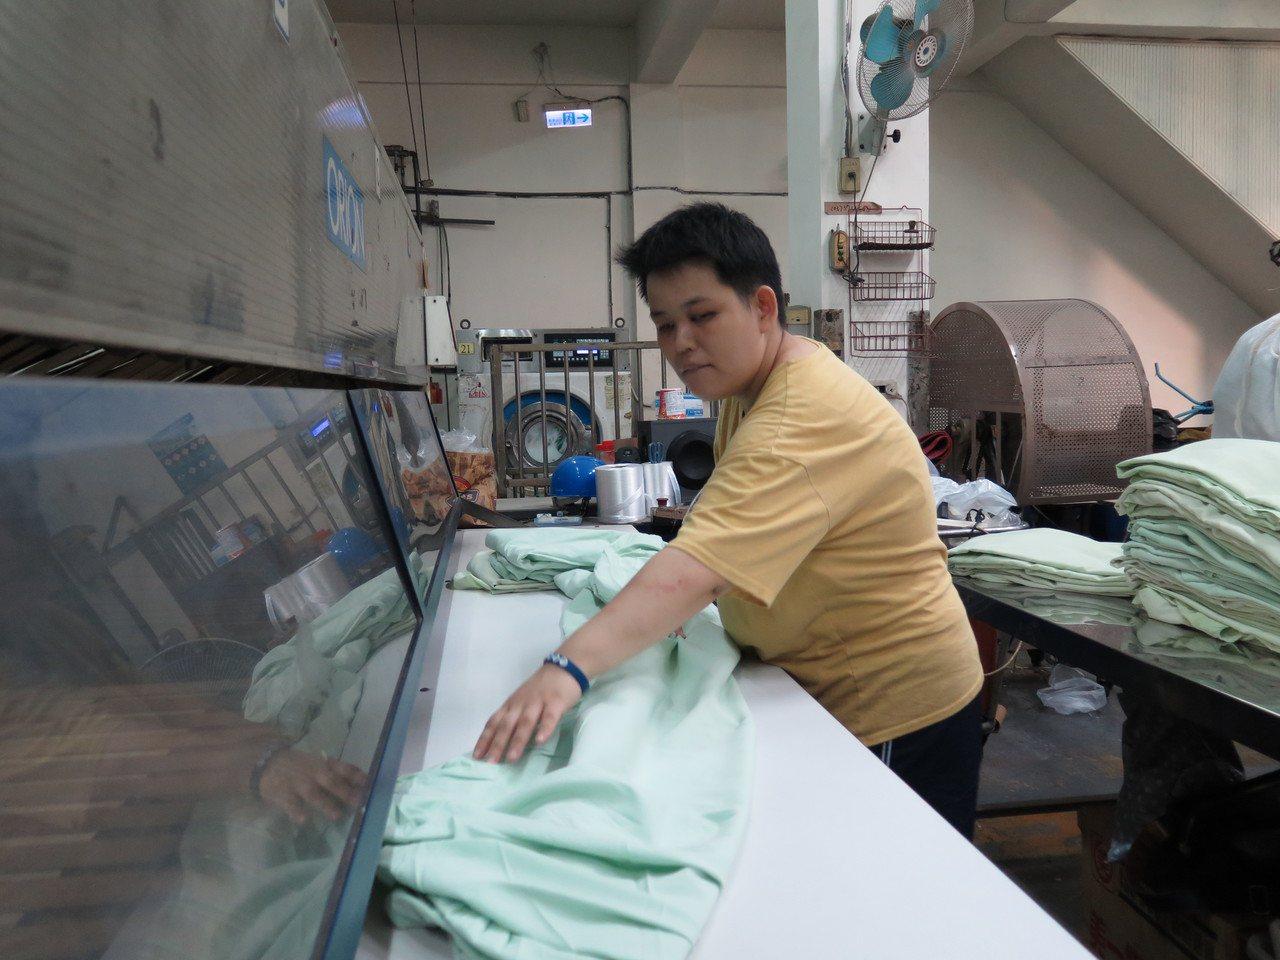 專營洗衣的晨揚國際事業長年聘用身障員工,雖然反應不比一般人快,但折疊動作仔細,一...